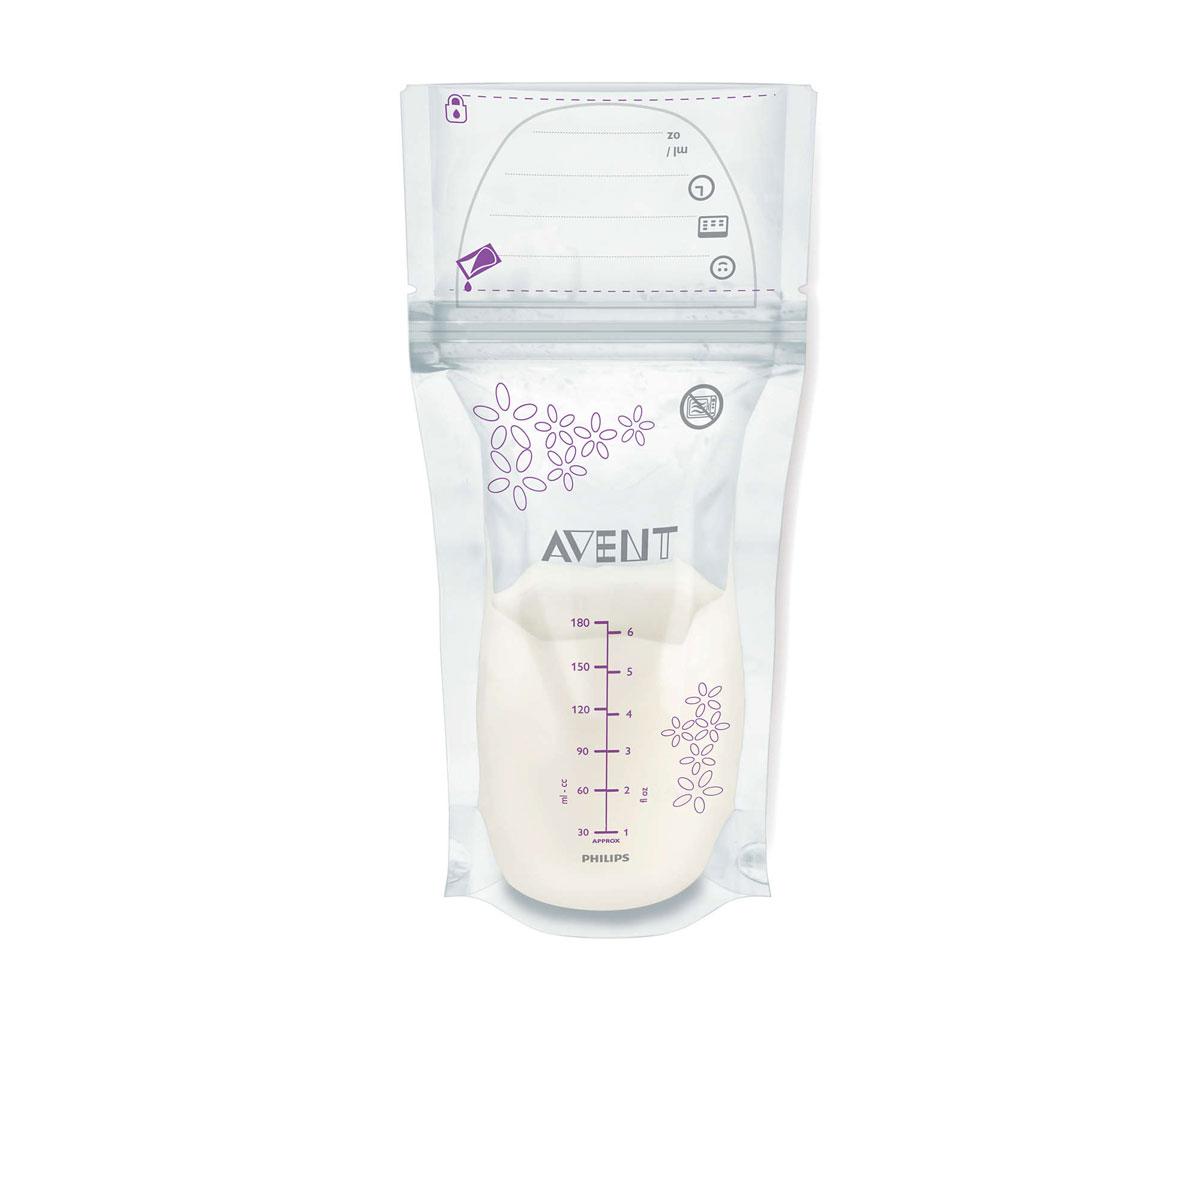 Philips Avent Пакеты для хранения молока, 180 мл, 25 шт SCF603/25SCF603/25Пакеты Philips Avent — это надежное решение для хранения грудного молока. Используйте стерильные пакеты непосредственно после сцеживания или храните их в холодильнике или морозильной камере. Надежная герметичная двойная застежка-молния обеспечивает безопасное хранение грудного молока. Гарантийная пломба свидетельствует о стерильности пакета перед первым использованием и гарантирует абсолютную гигиеничность. Усиленные боковые швы и двухслойный материал обеспечивают дополнительную надежность хранения ценного грудного молока в морозильной камере или холодильнике. Надежное широкое отверстие пакета позволяет удобно наполнять и выливать грудное молоко. Устойчивая конструкция пакета предотвращает опрокидывание, а широкое отверстие пакета обеспечивает удобное наполнение и переливание грудного молока. Эти пакеты можно сложить для удобства хранения в холодильнике или морозильной камере.